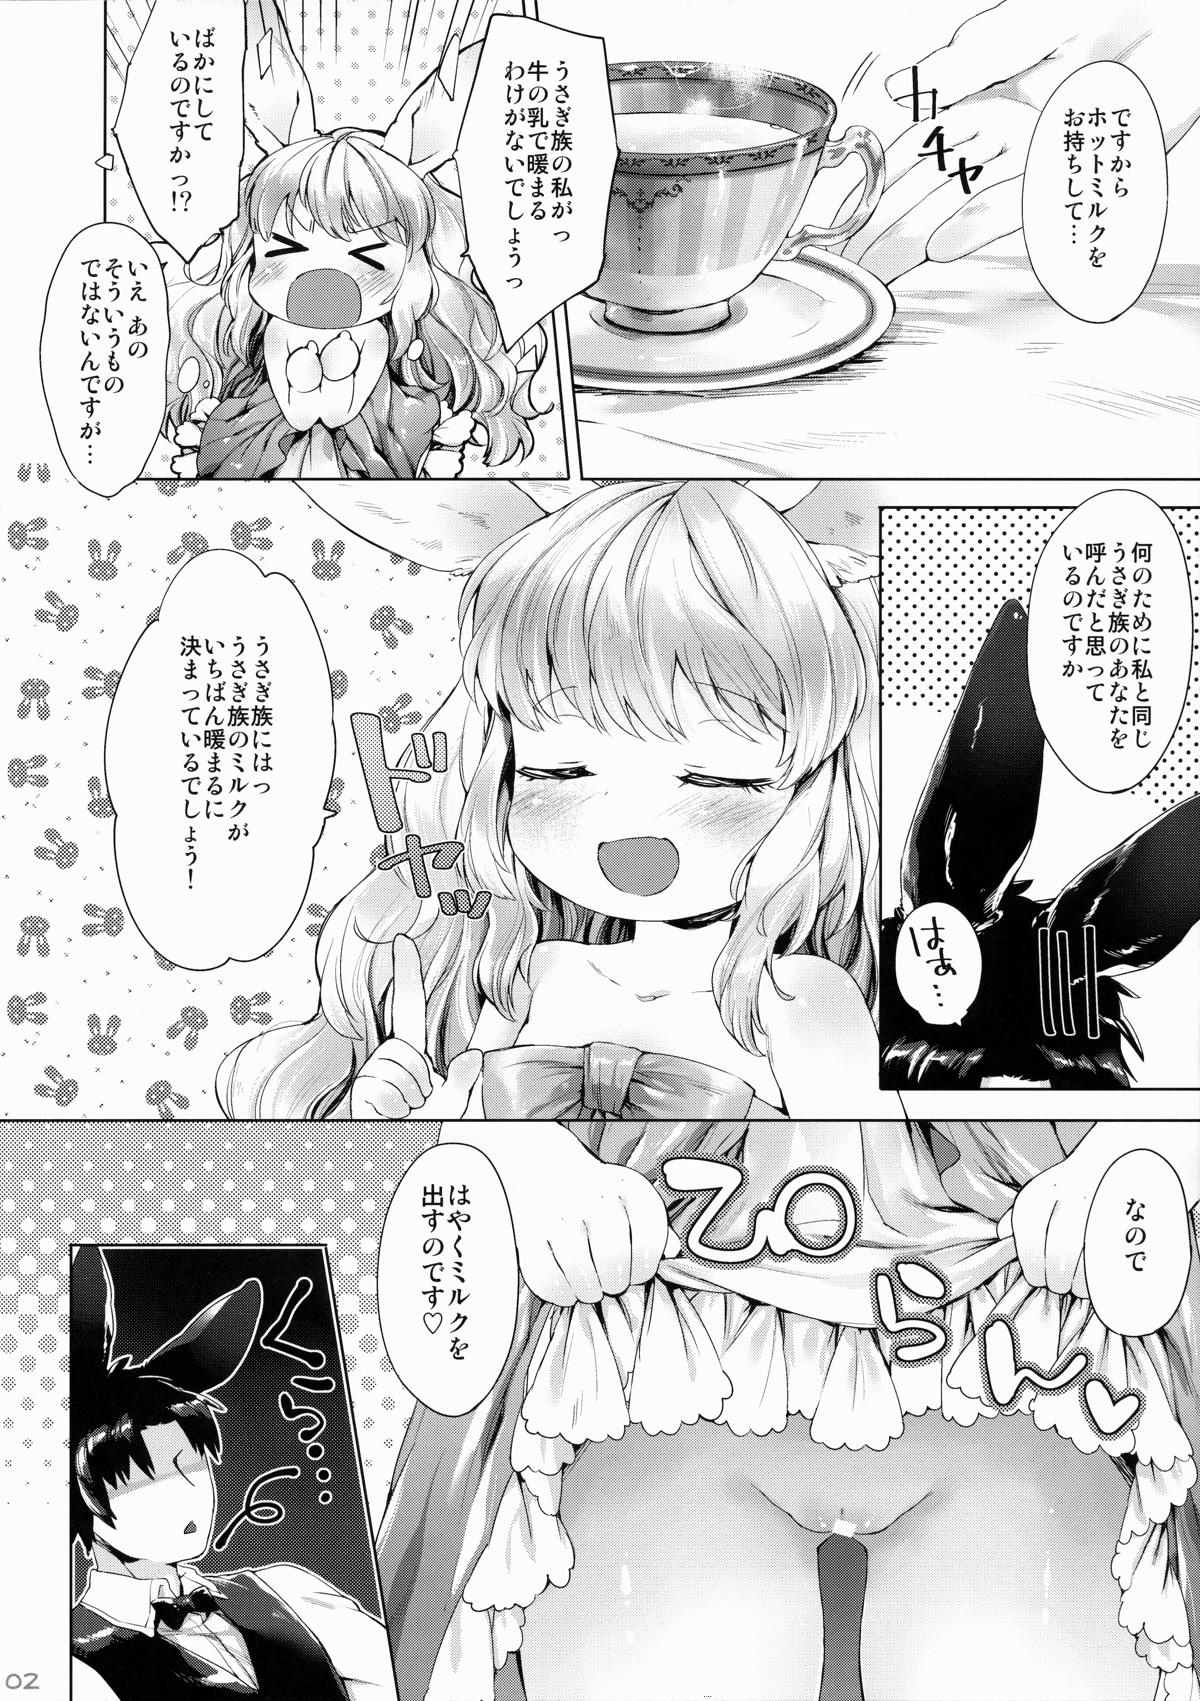 【エロ漫画】夜は下のお口というところから飲む方が、よく暖まるとお姉様にお聞きしたのです!【無料 エロ同人誌】 (3)